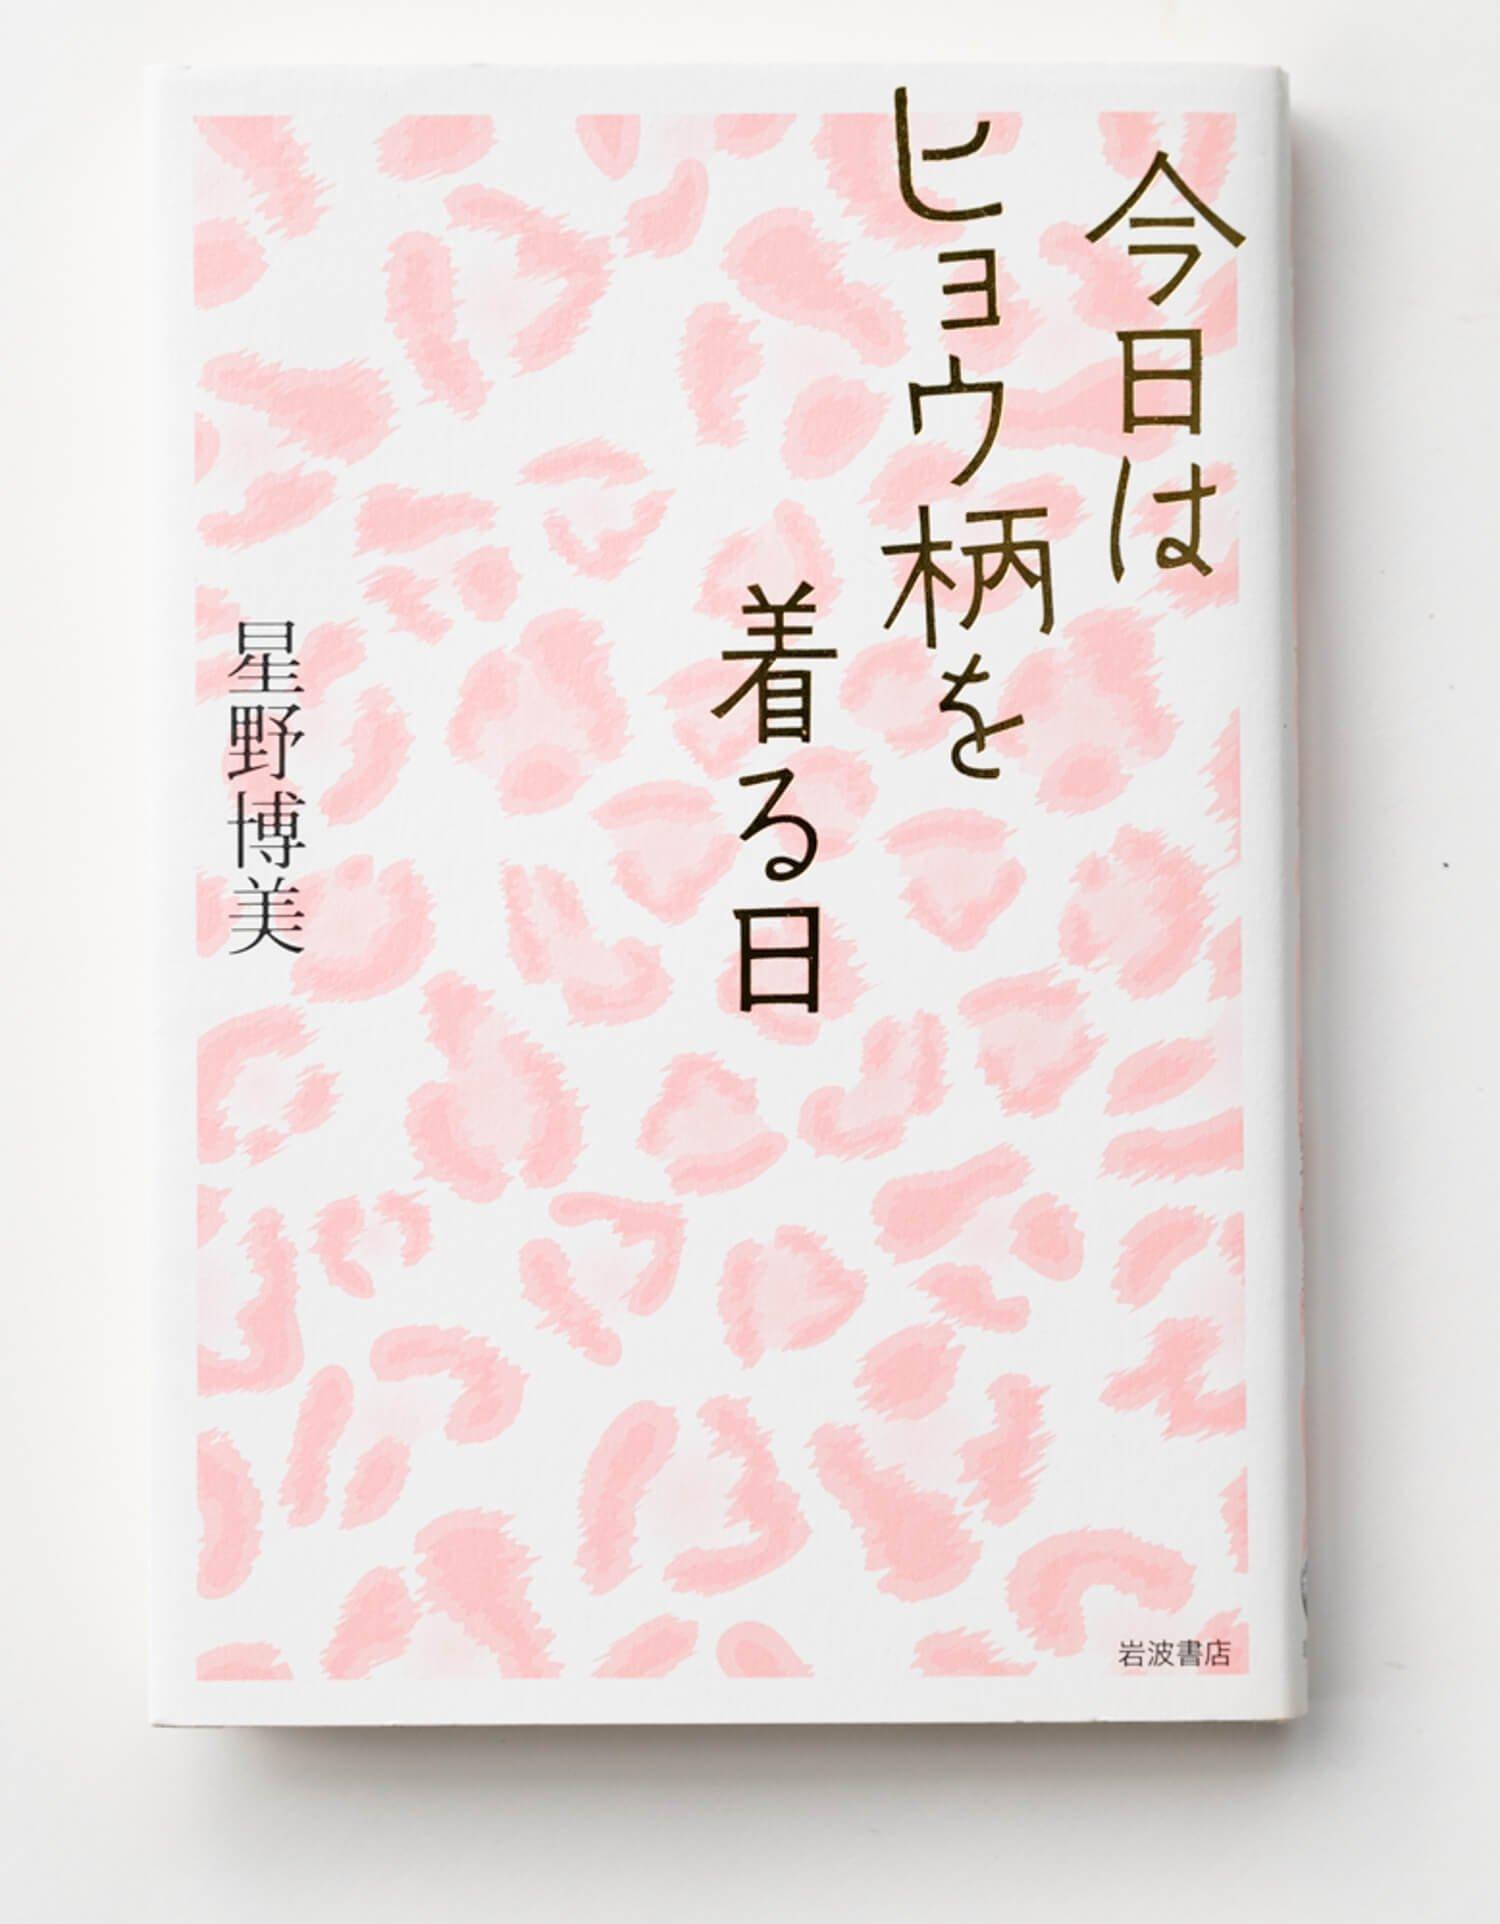 星野博美 著  岩波書店/2017 年